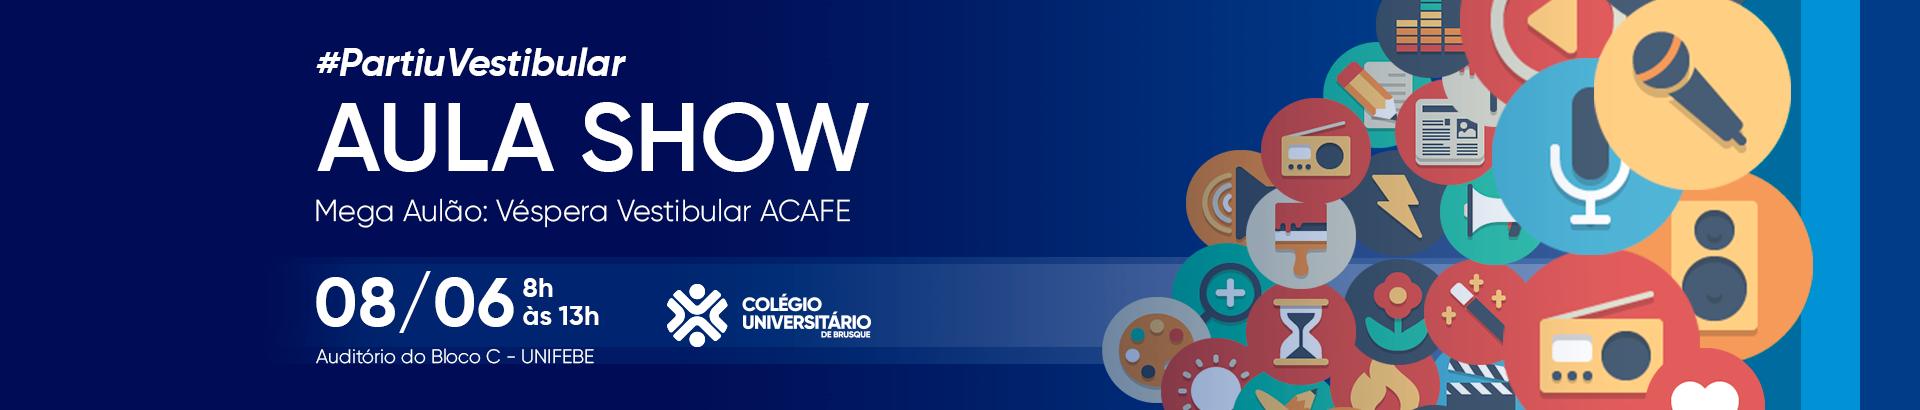 Aula-show-Colégio-Universitário-(SITE-DESKTOP)